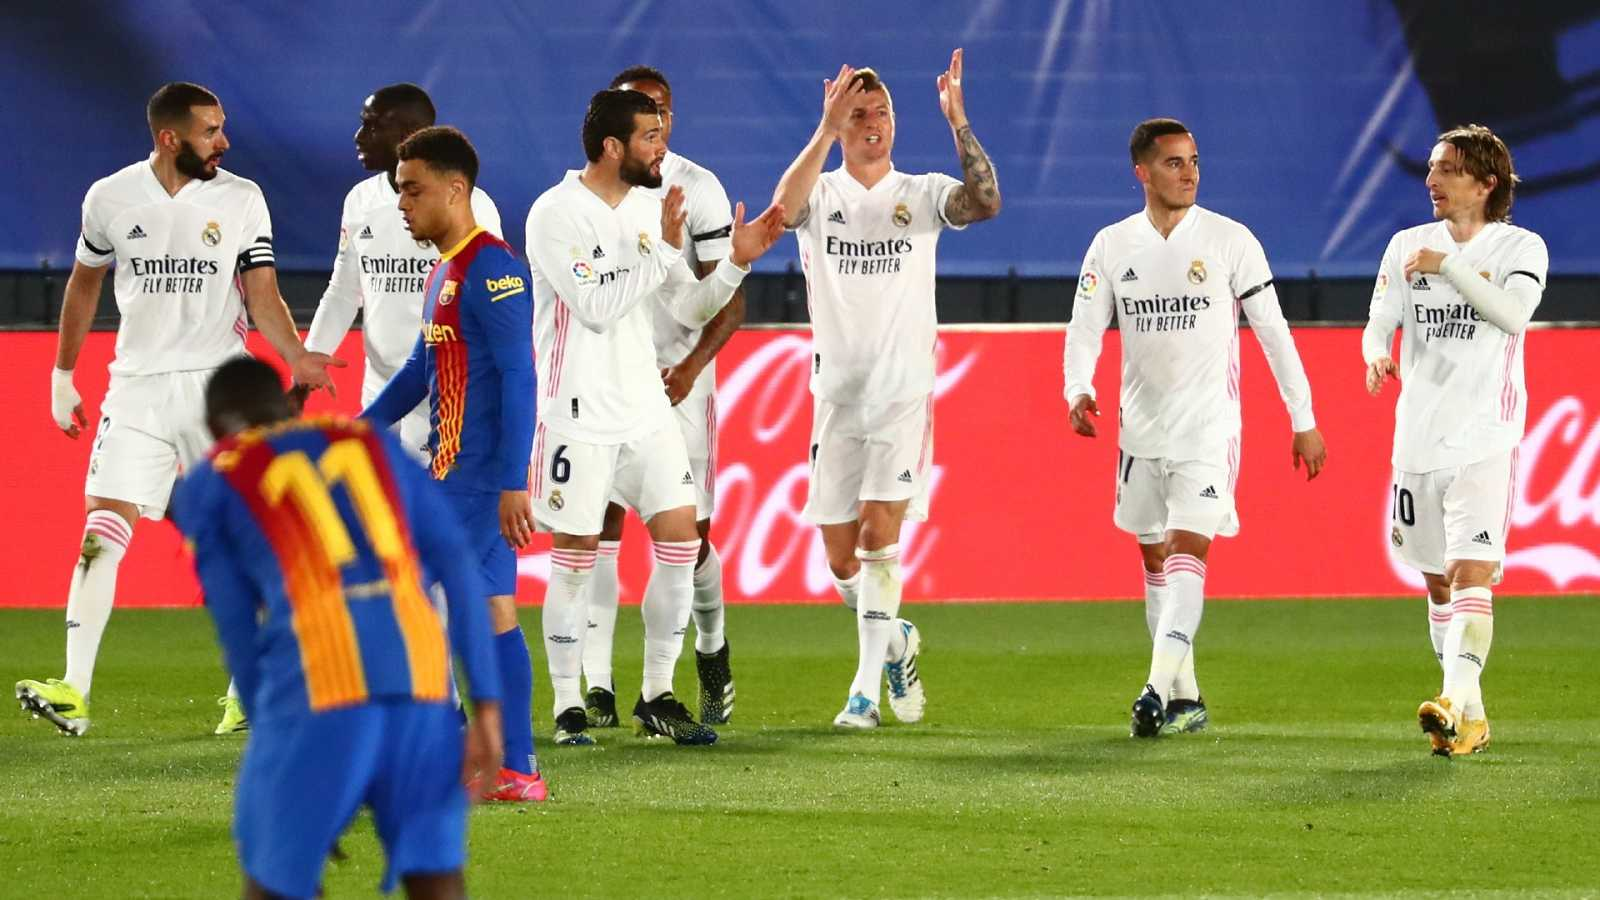 Los jugadores del Real Madrid celebran el segundo tanto anotado por Kroos ante el FC Barcelona